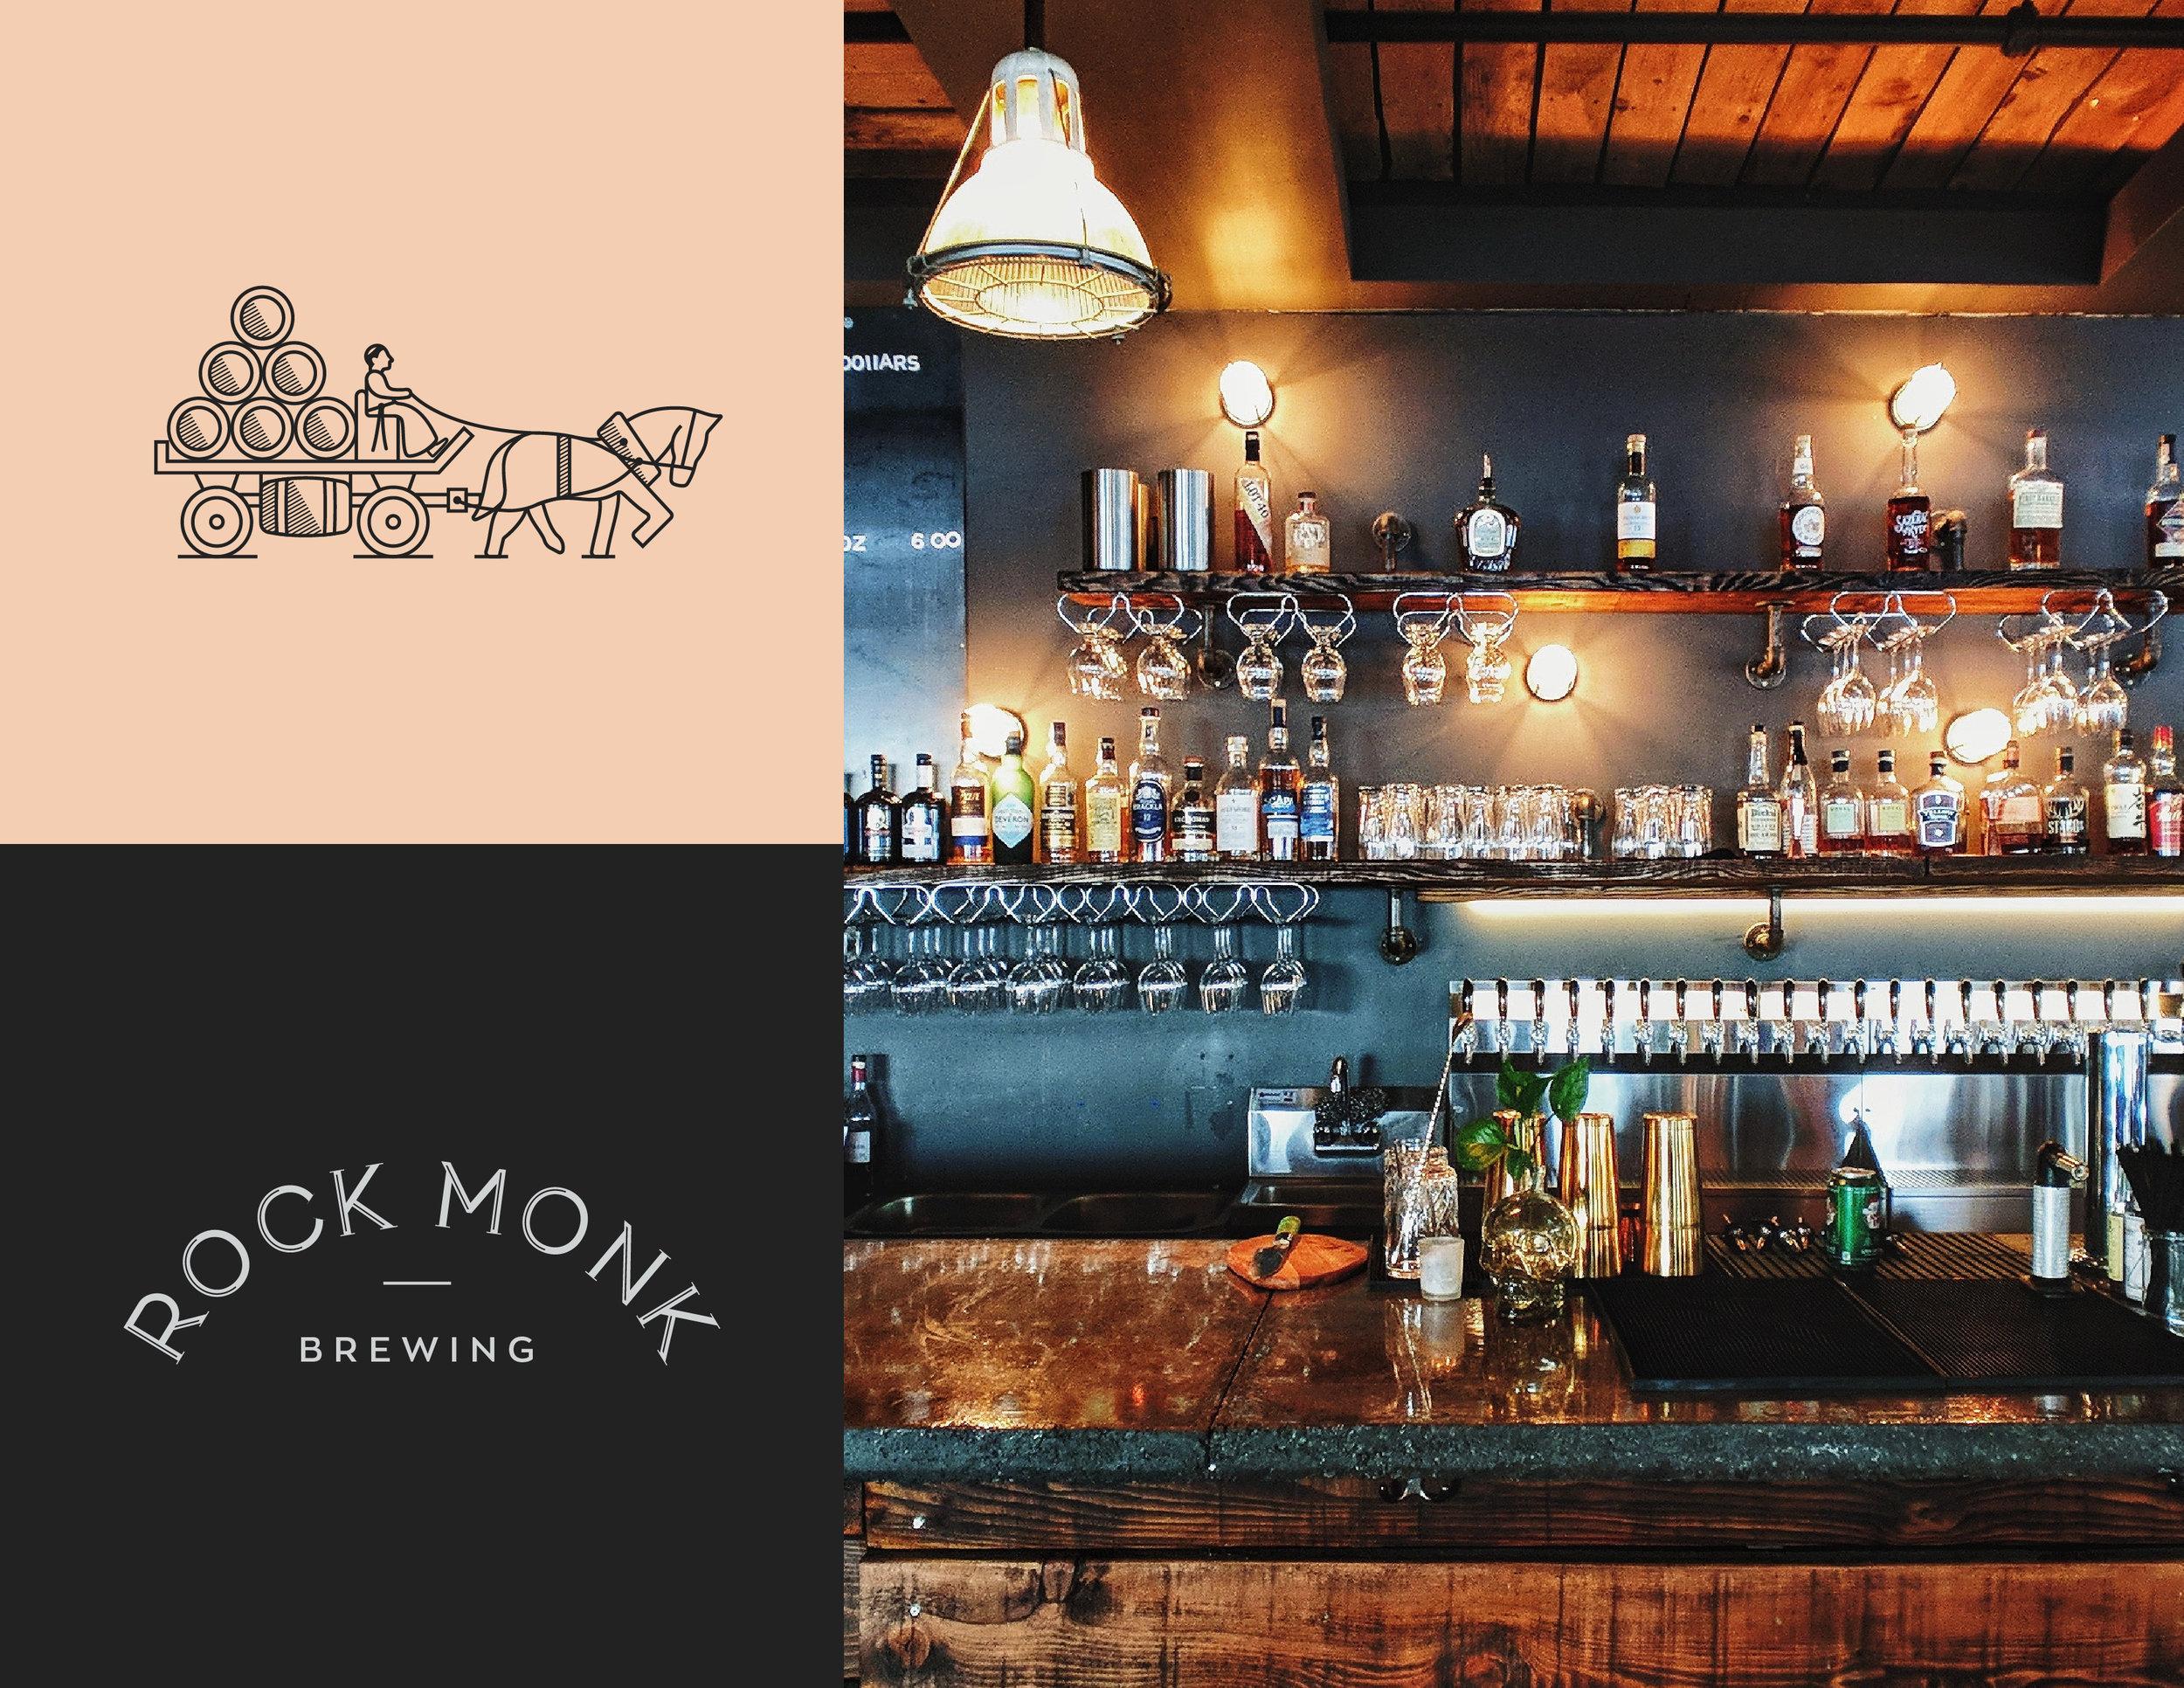 Rock-monk-bar-logo-branding-design-studio-01.jpg